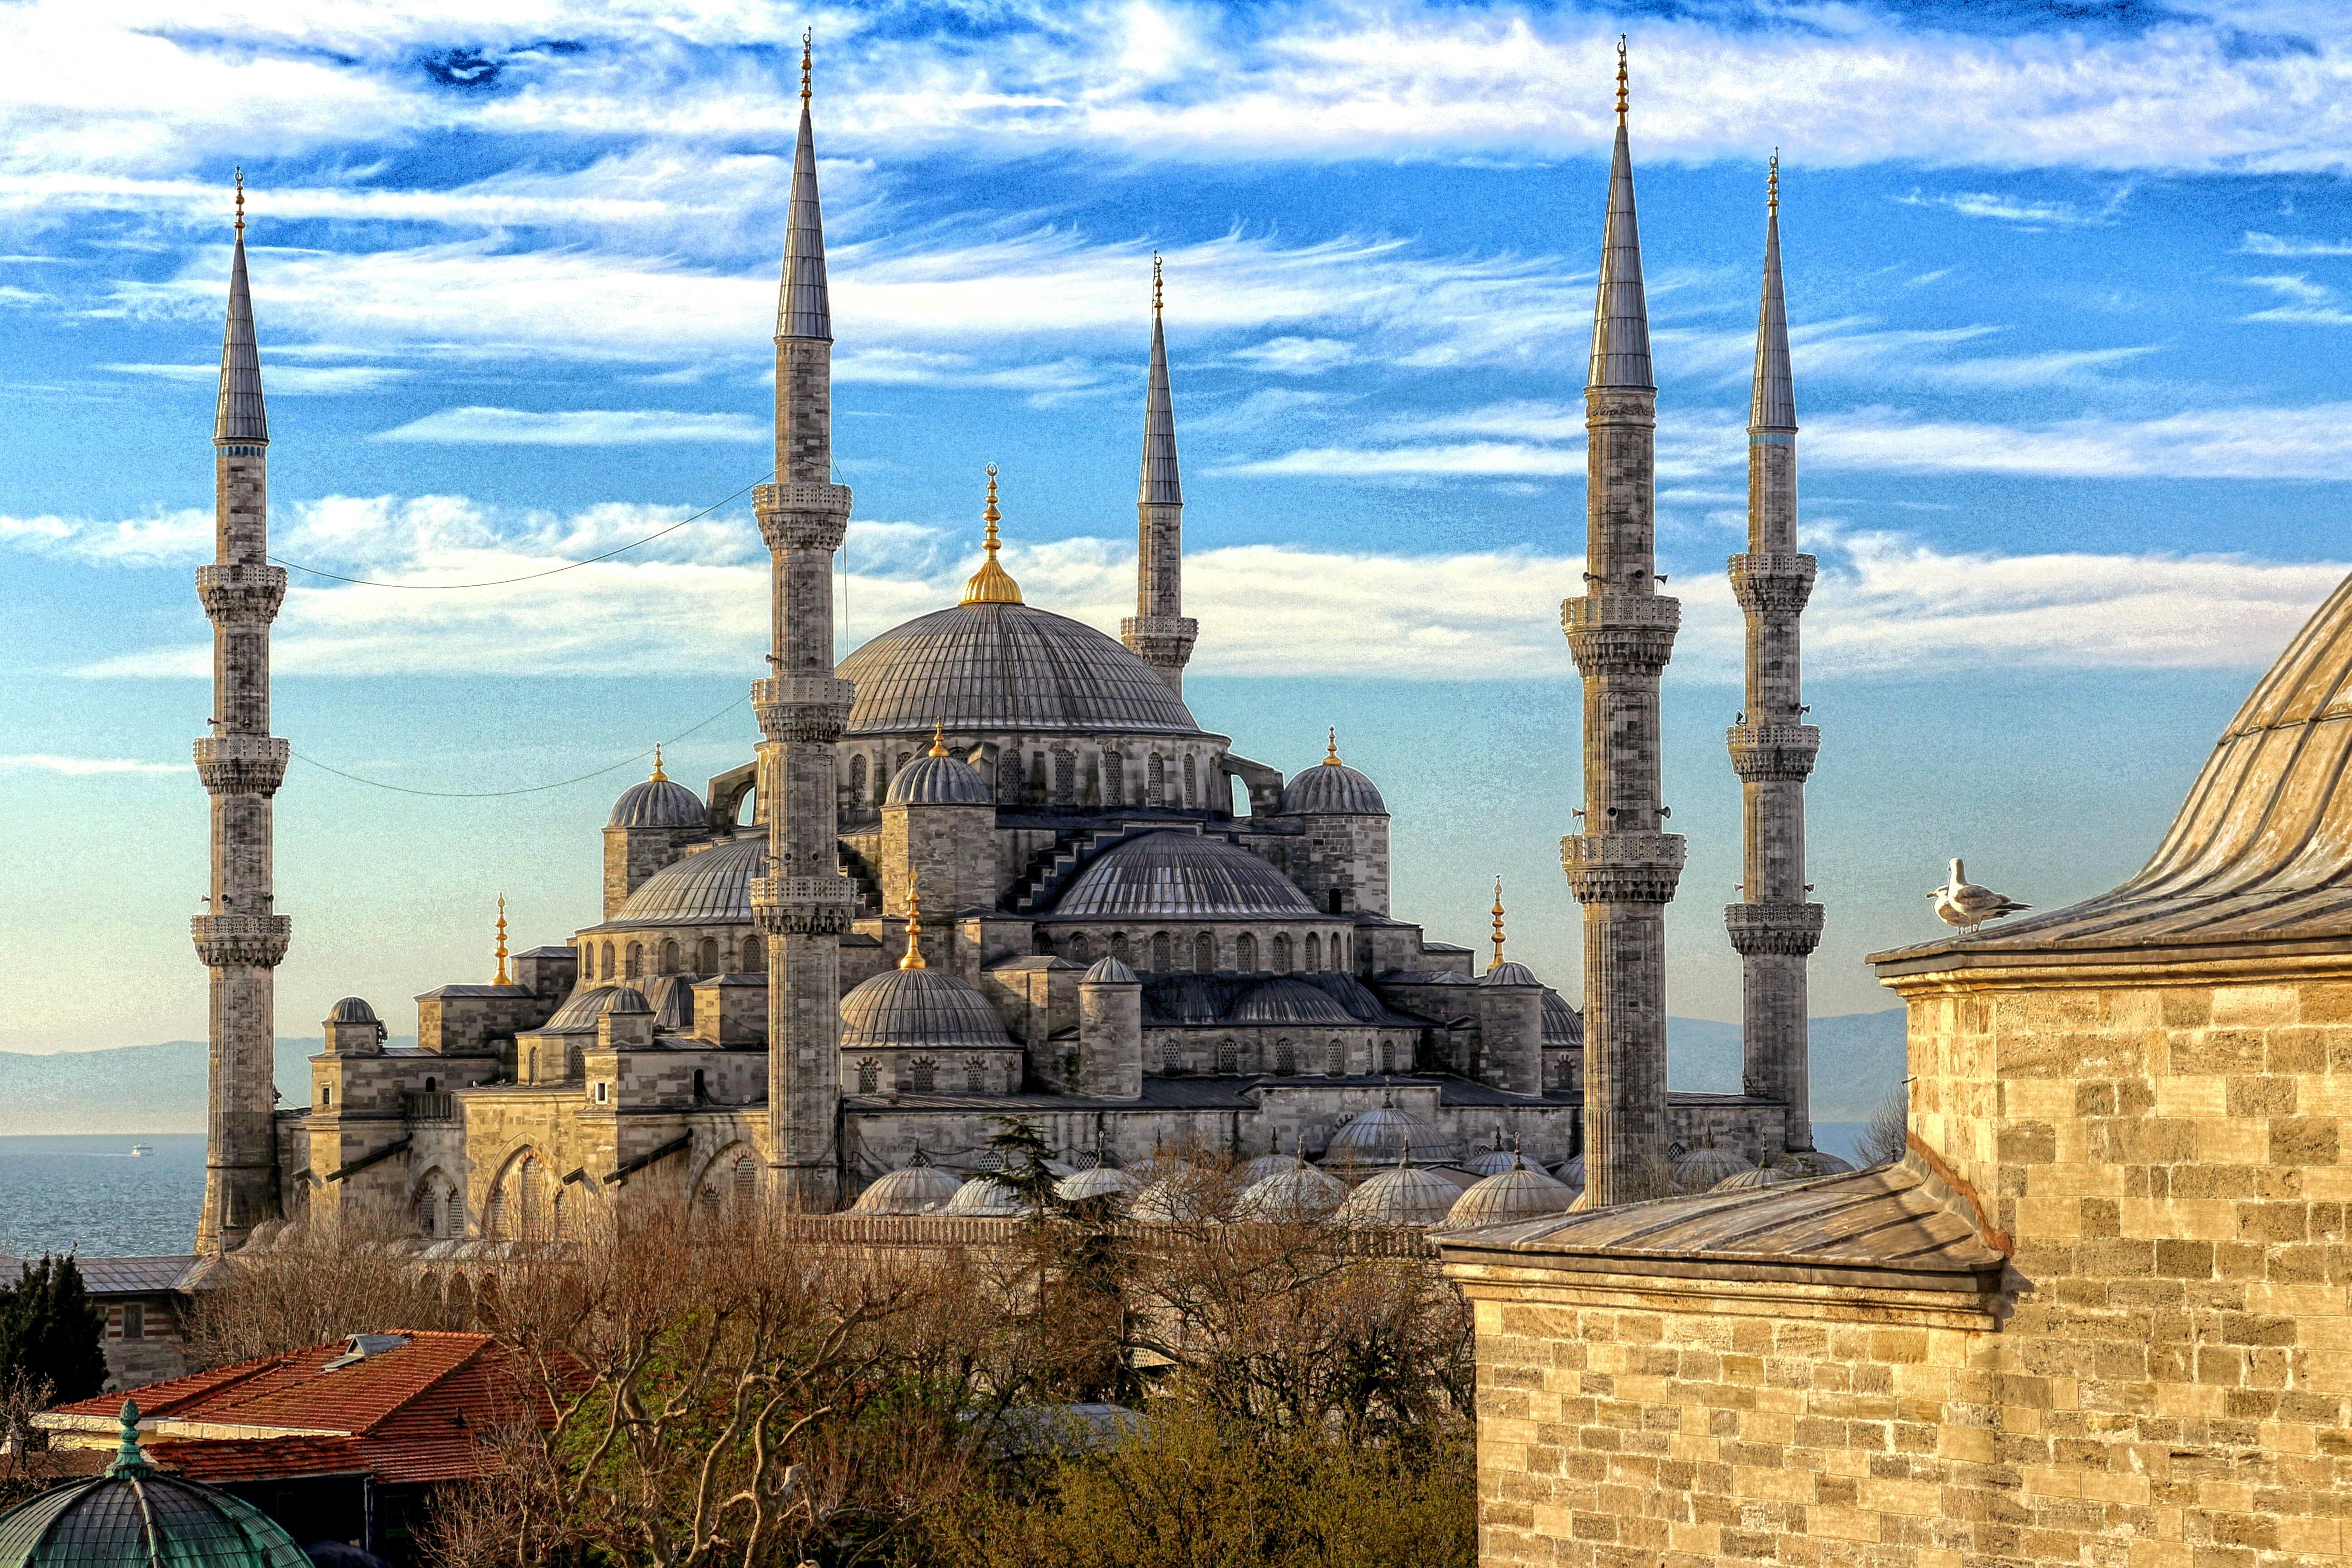 Scenic View Of Hagia Sophia Against Sky